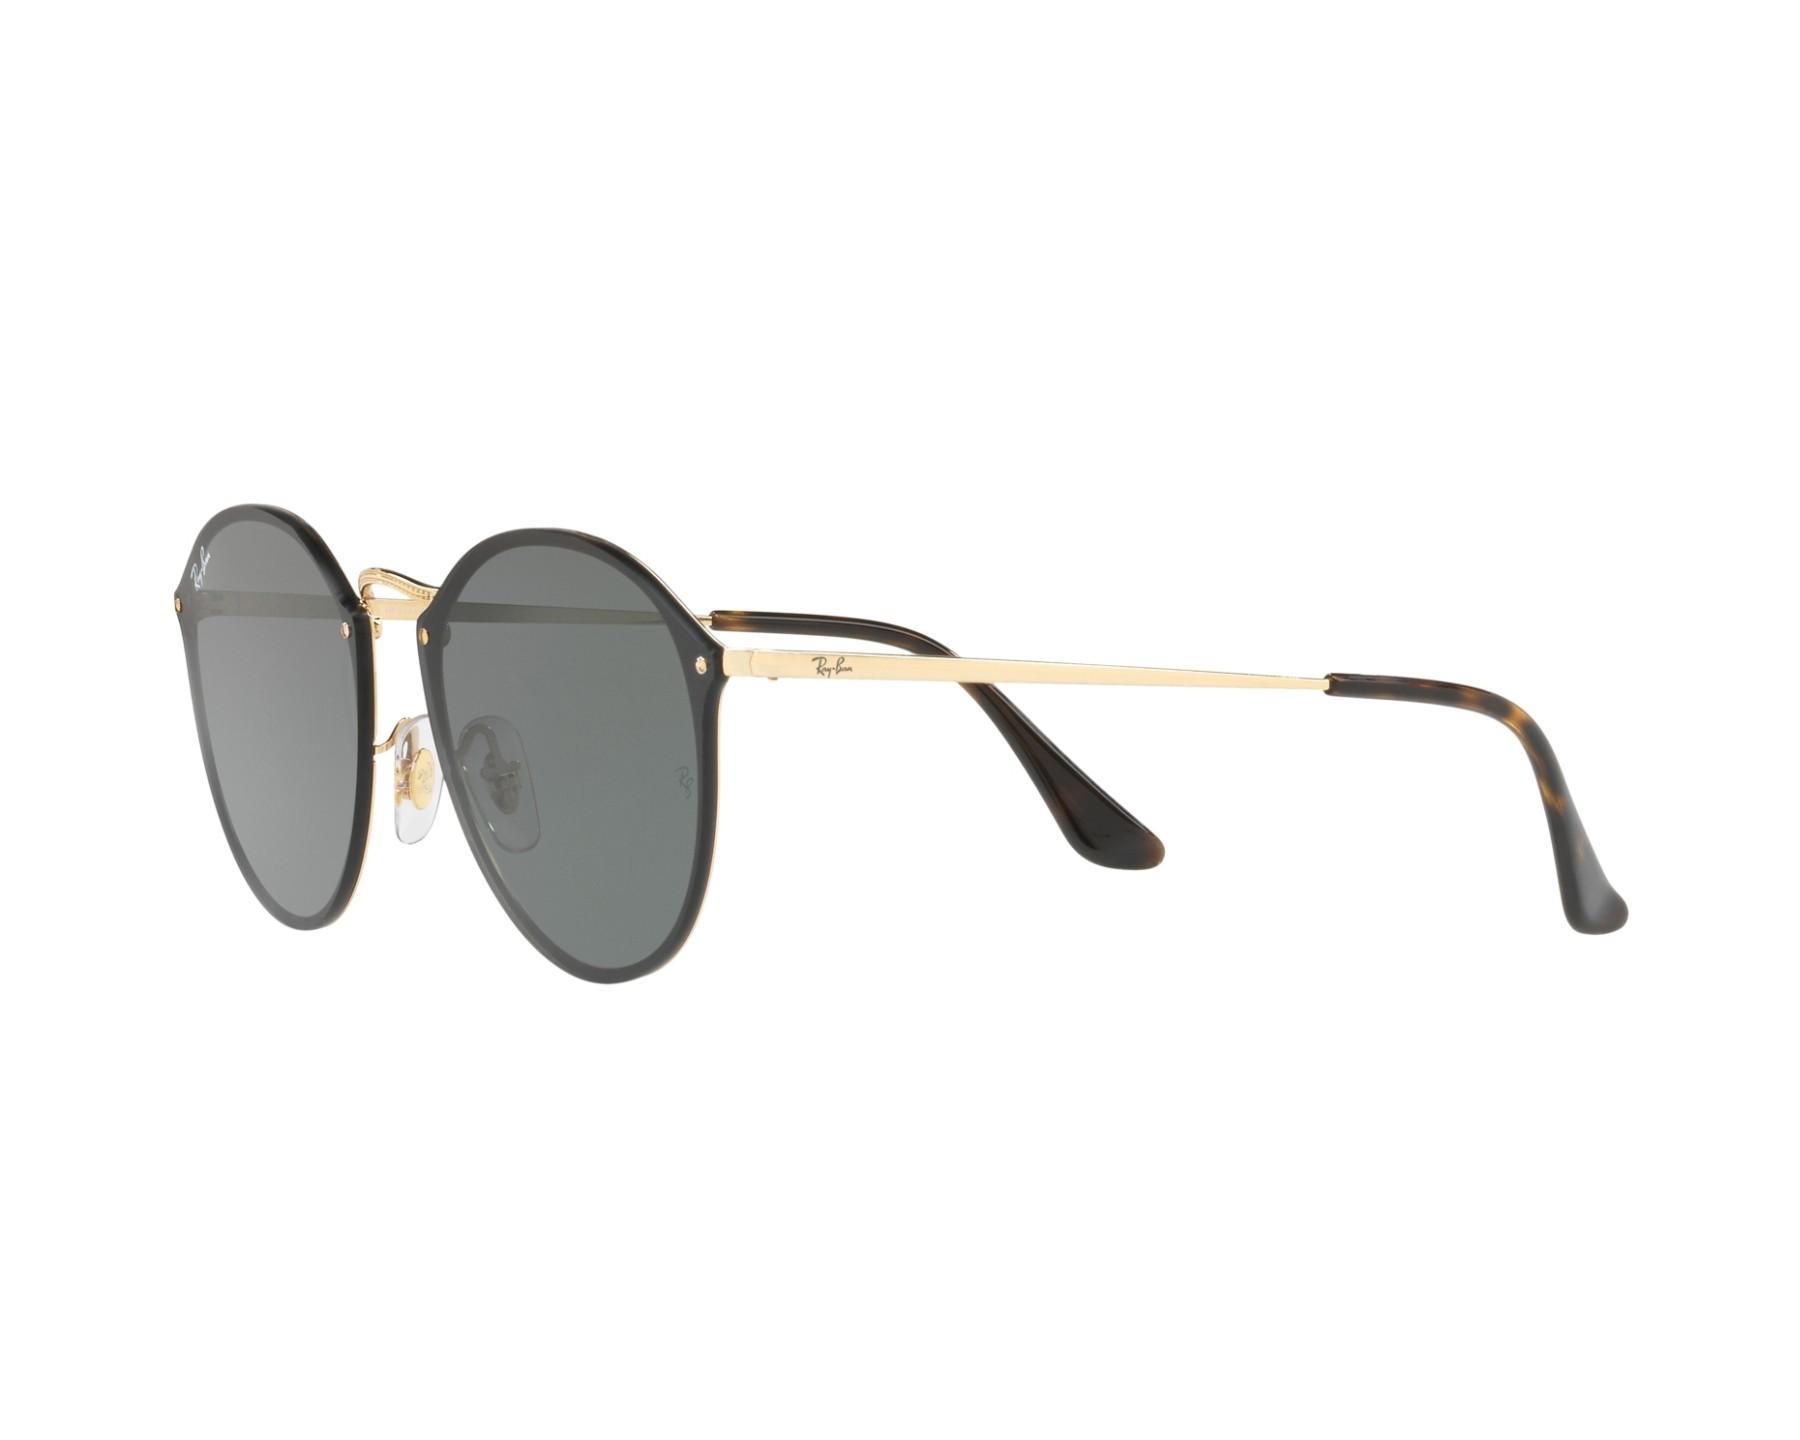 40c1fc823208c Sunglasses Ray-Ban RB-3574-N 001 71 59-14 Gold